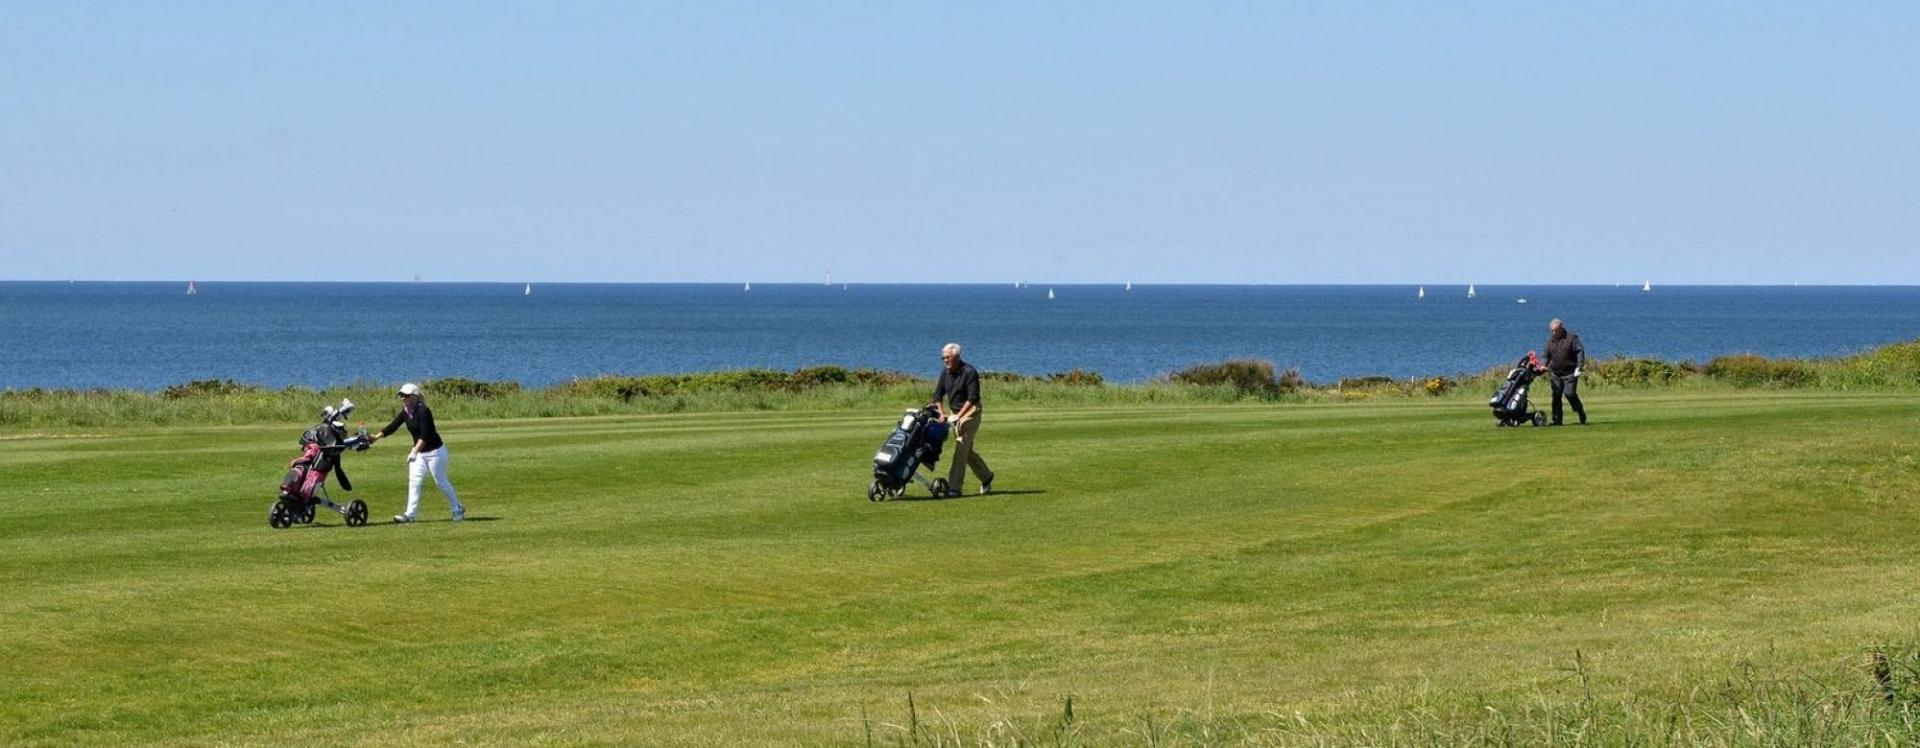 Golfeurs deplacement parours golf de Ploemeur Océan